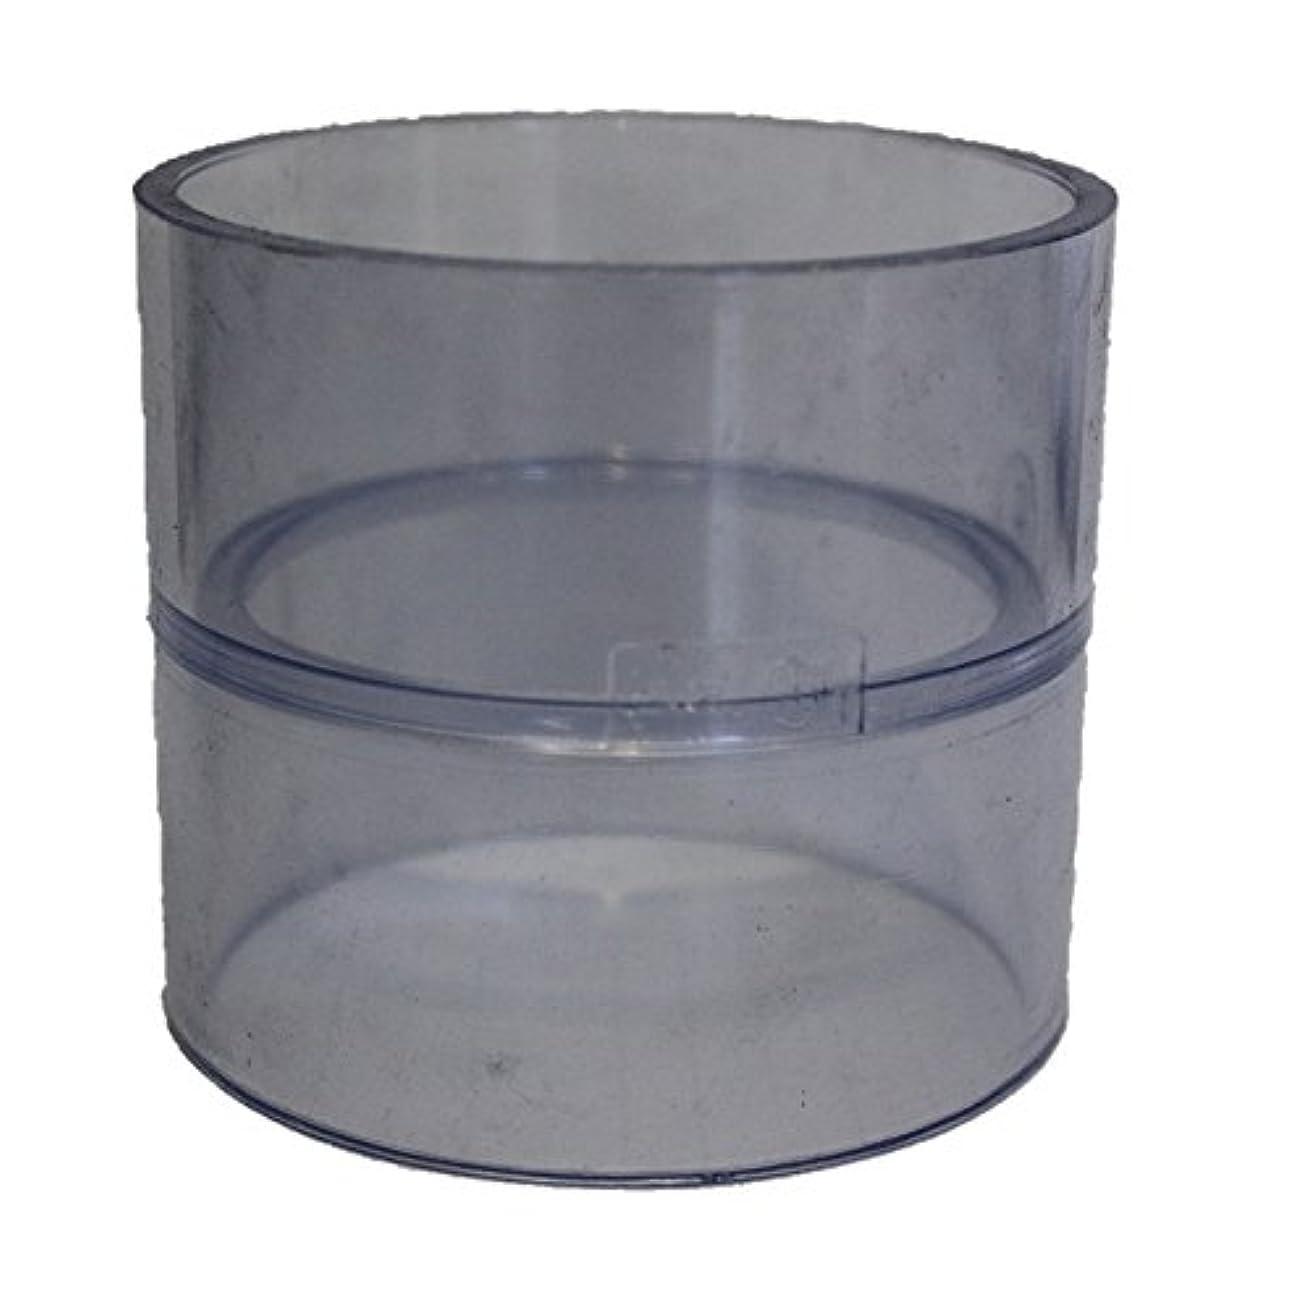 つづり建物好奇心積水化学工業 透明 DV-DS 40 (10個入り)